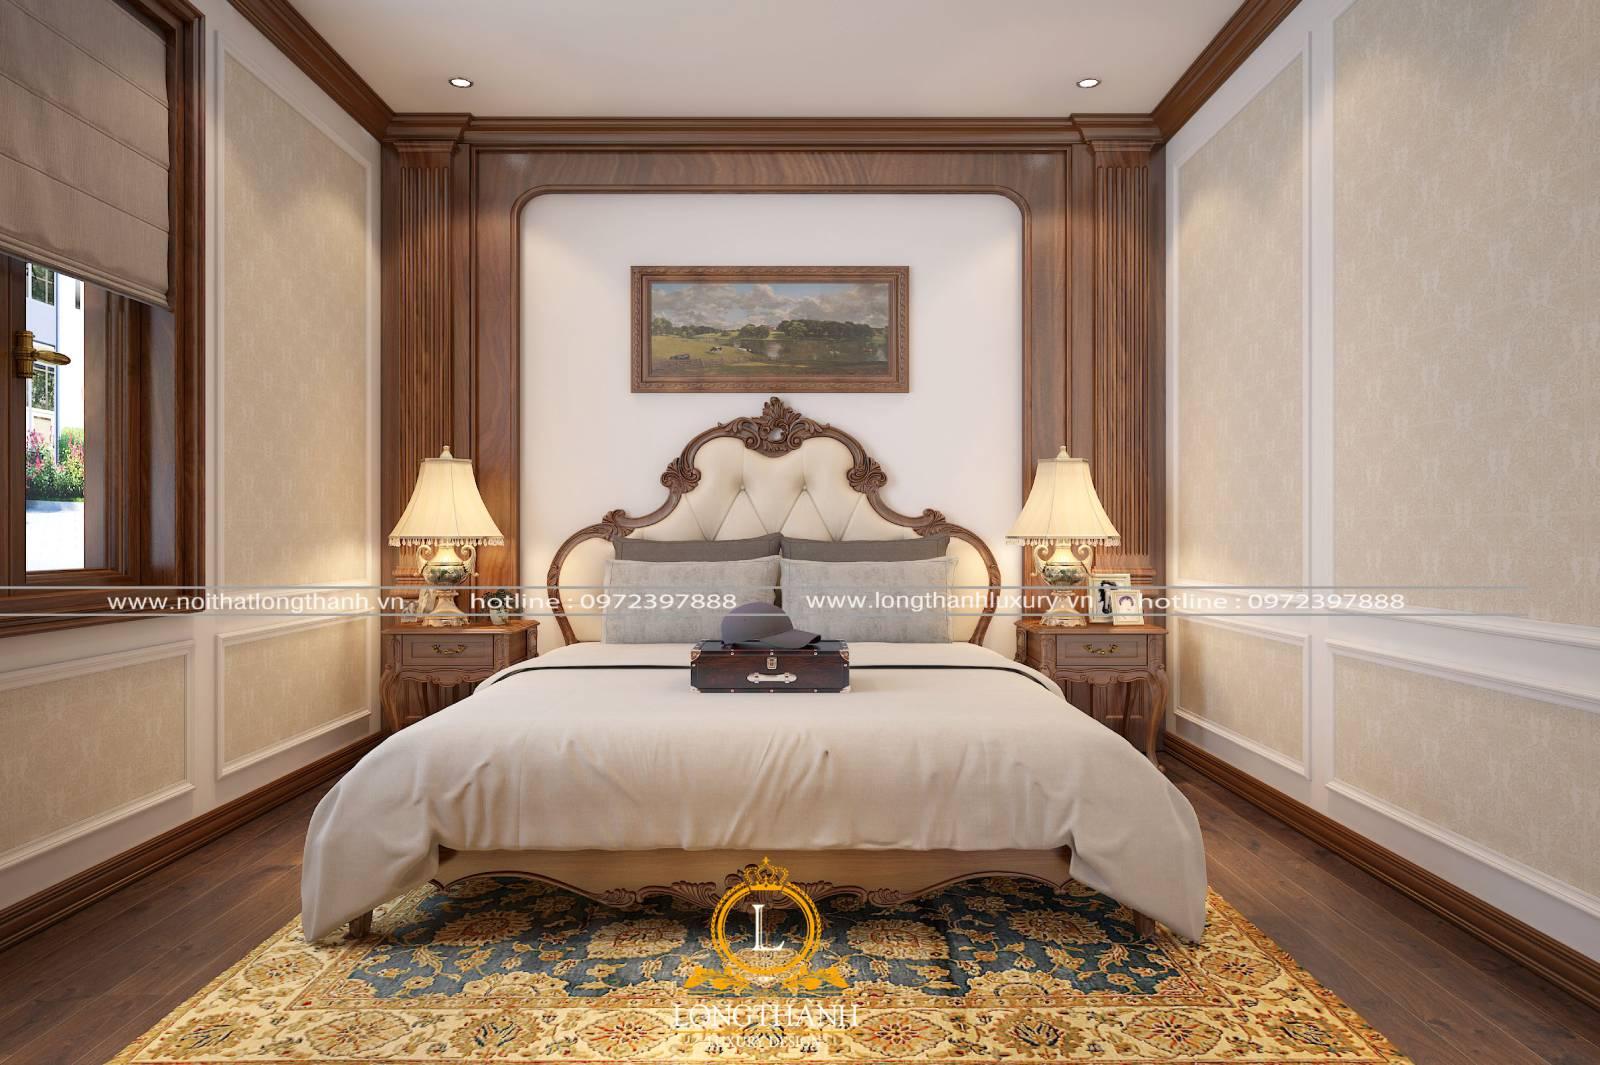 4 mẫu tranh trang trí ĐẸP NHẤT cho phòng ngủ tân cổ điển